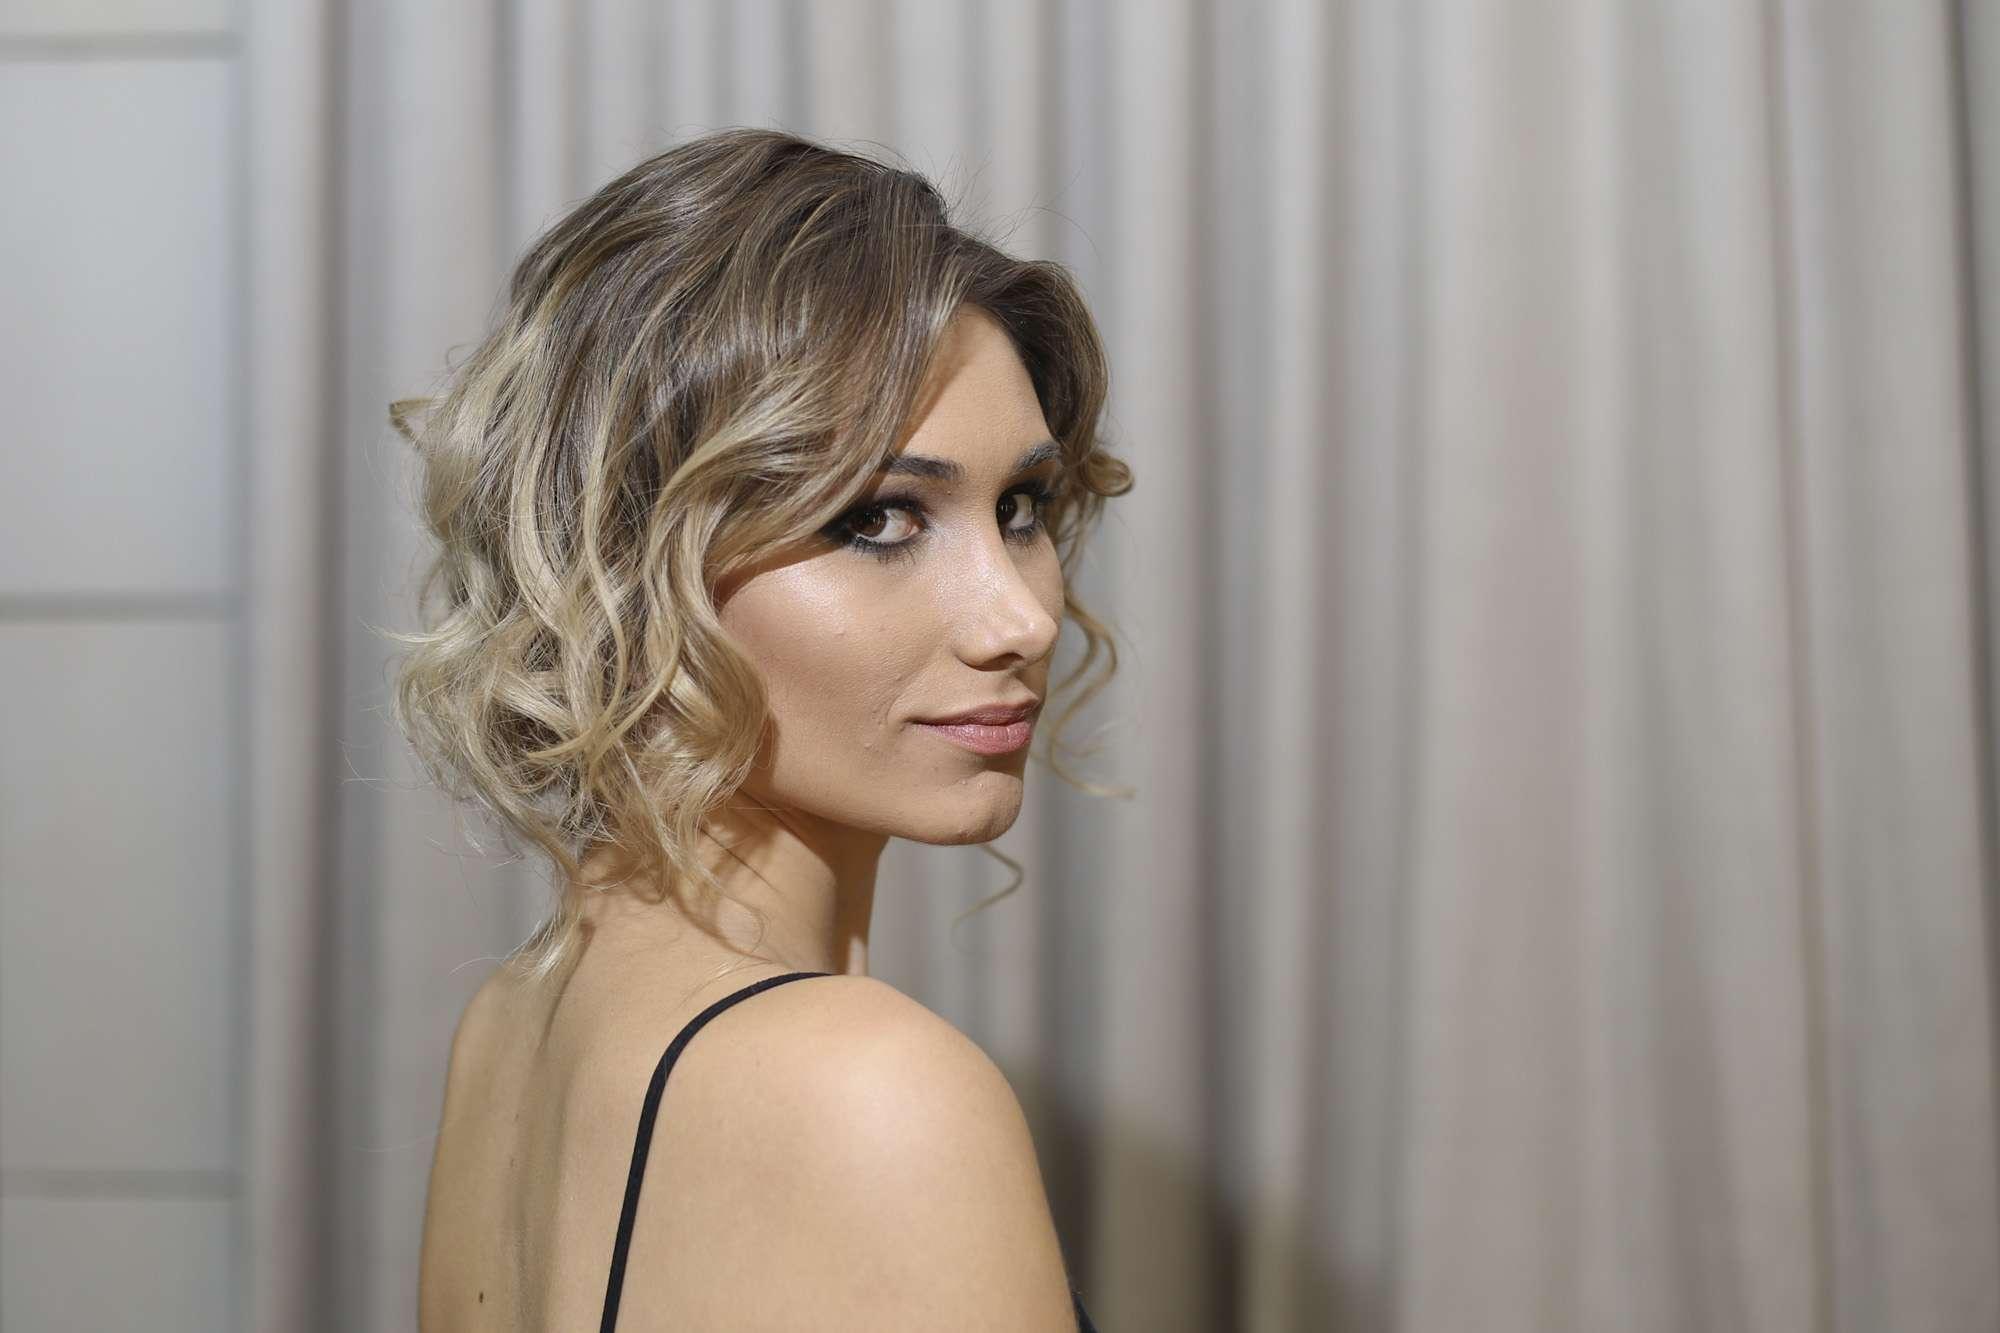 O penteado inspirado em Charlize Theron fica elegante, sofisticado e original Foto: Páprica Fotografia/Canarinho Press